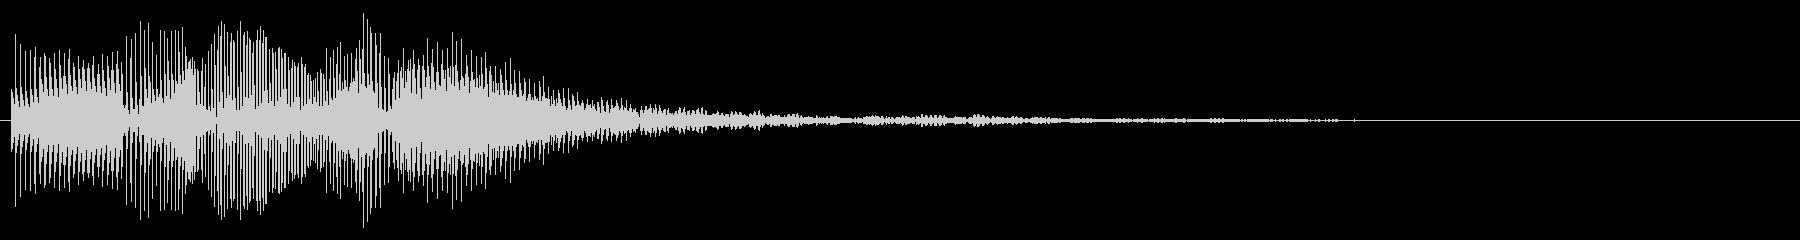 ダダダン(スタート・ストップ)の未再生の波形